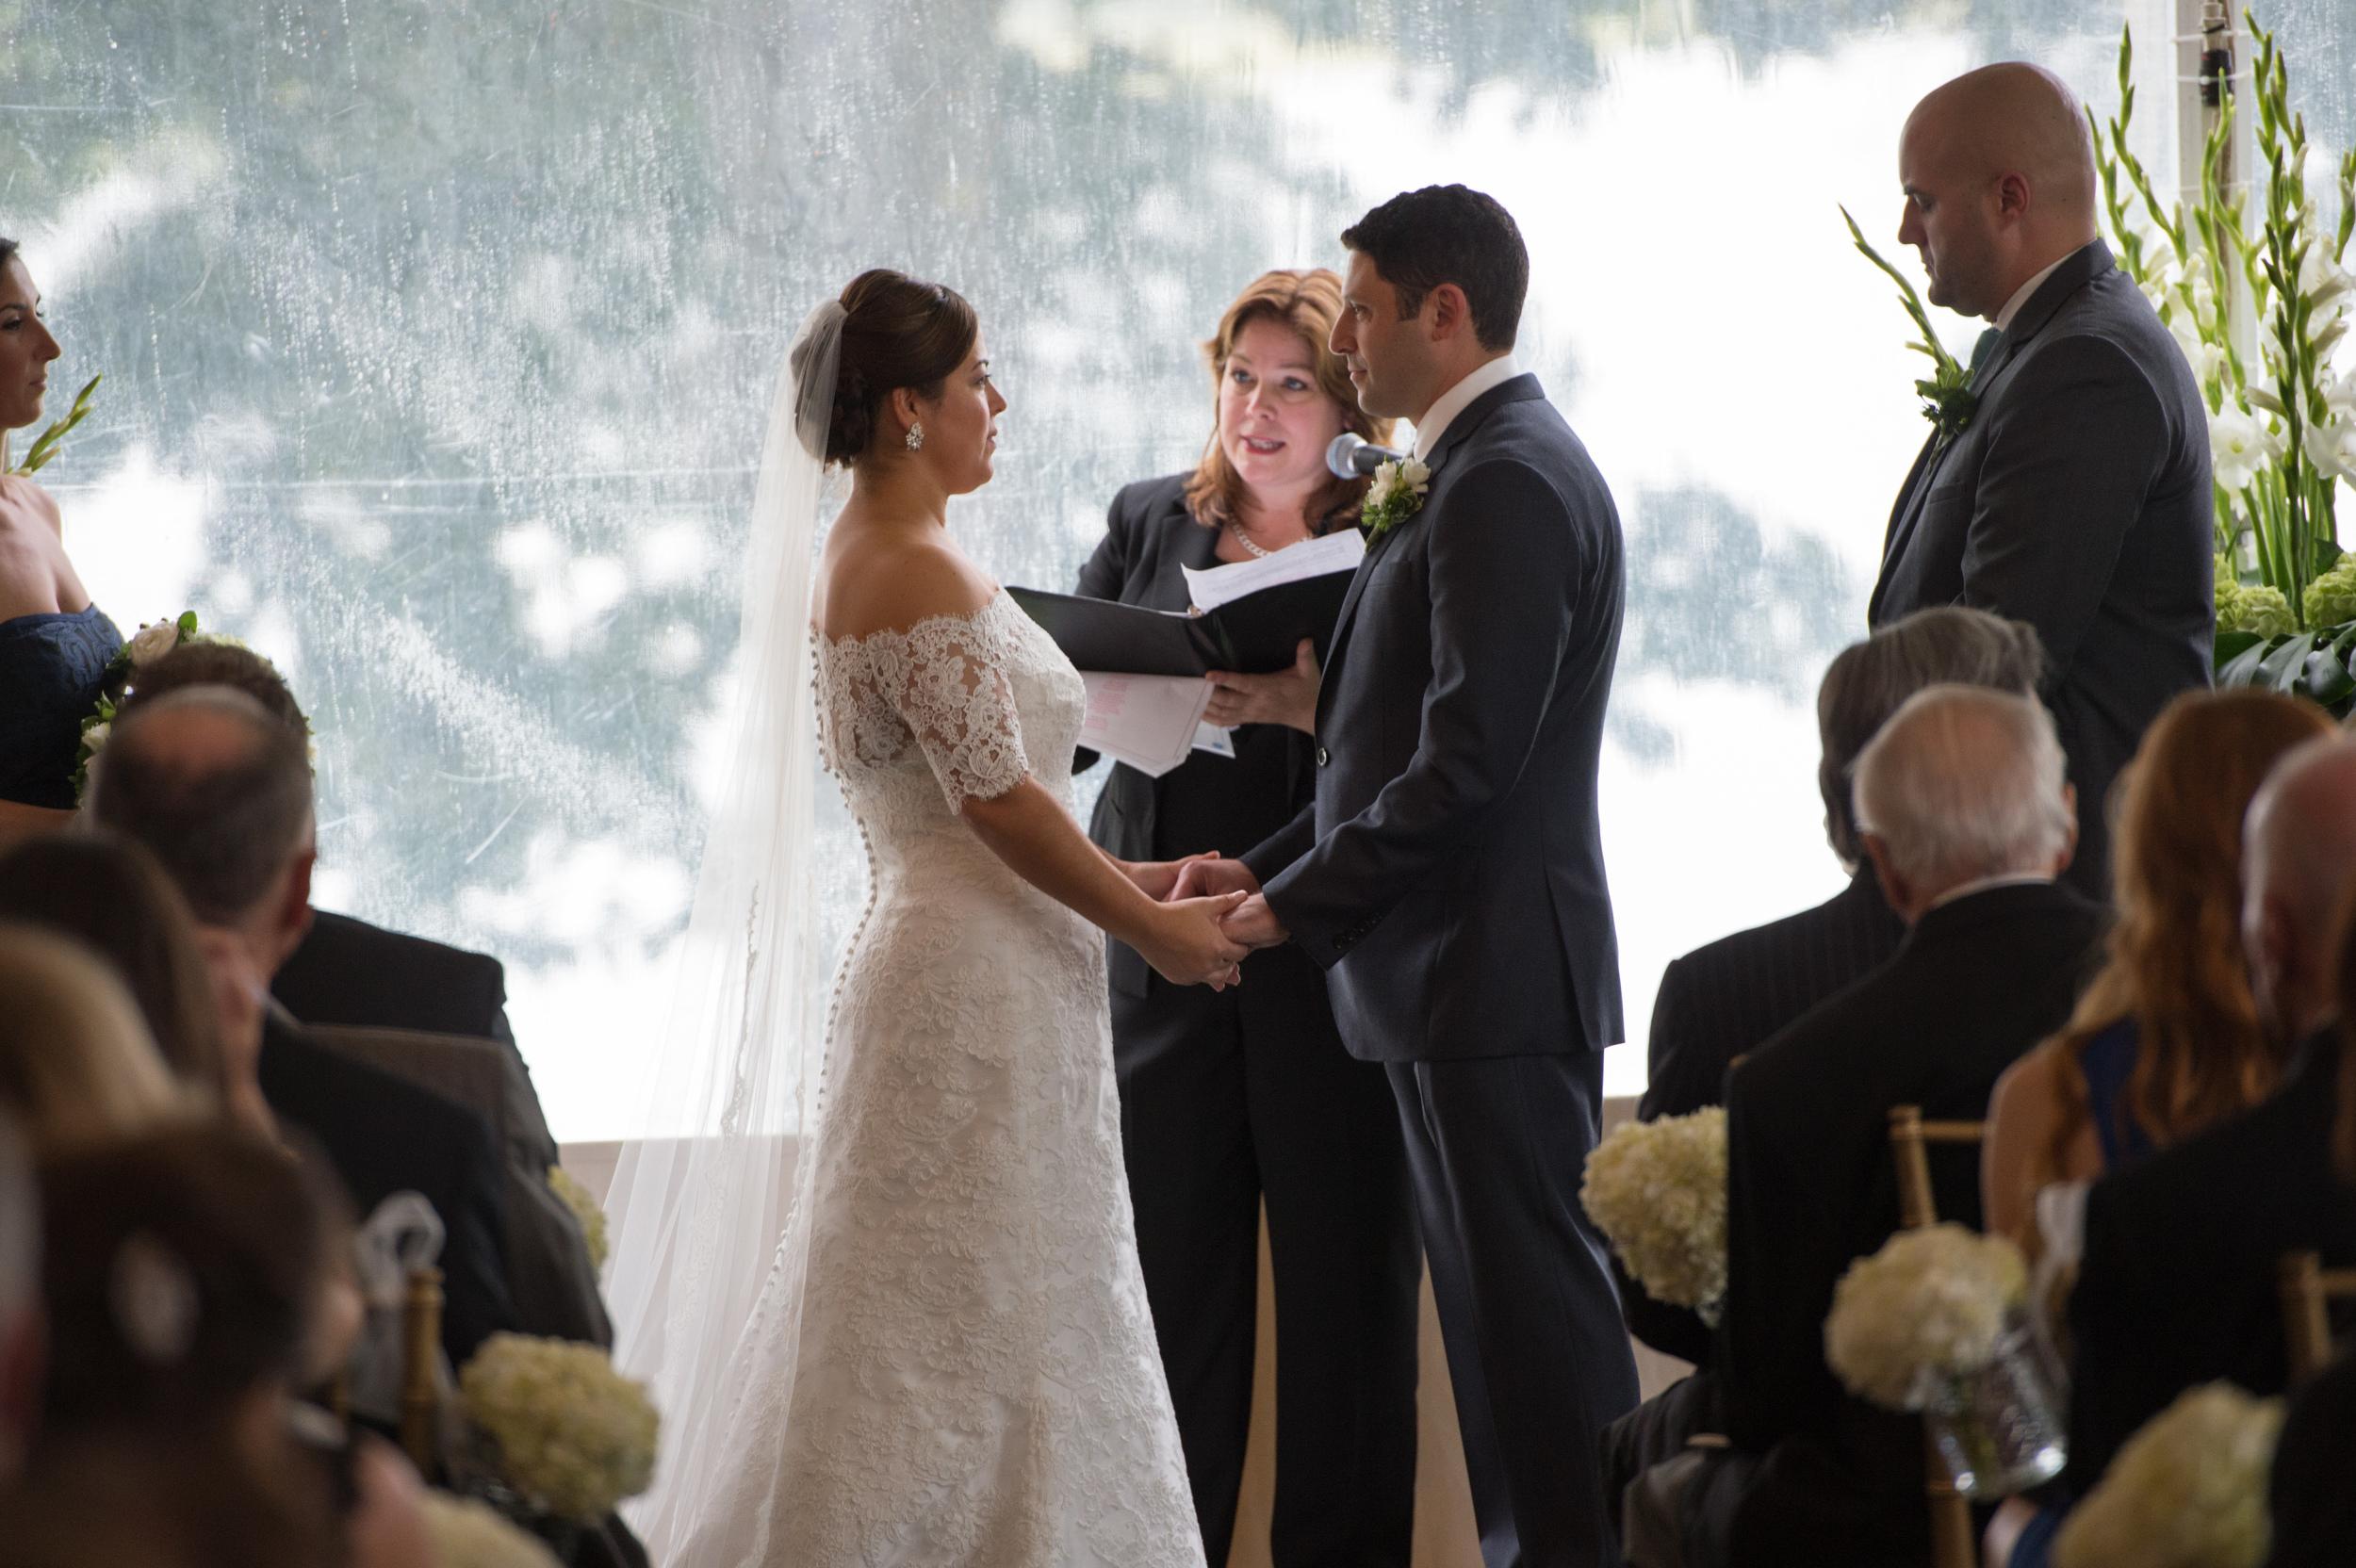 weschester wedding planner mansion wedding075.jpg